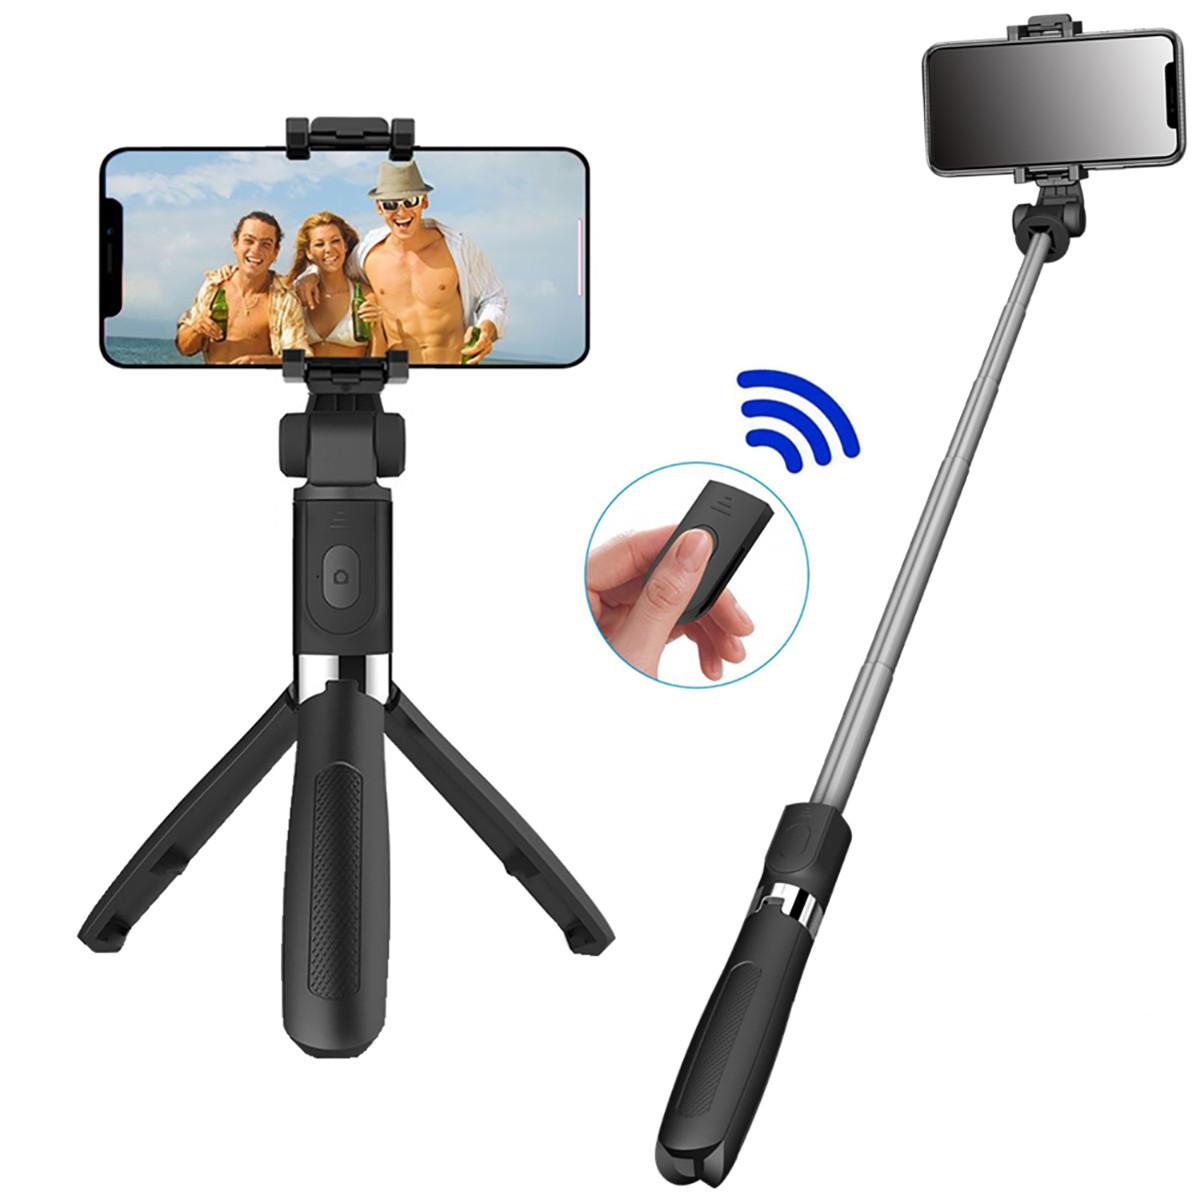 Штатив для телефона селфи палка Adna Selfie L01s тринога с кнопкой-пультом Bluetooth